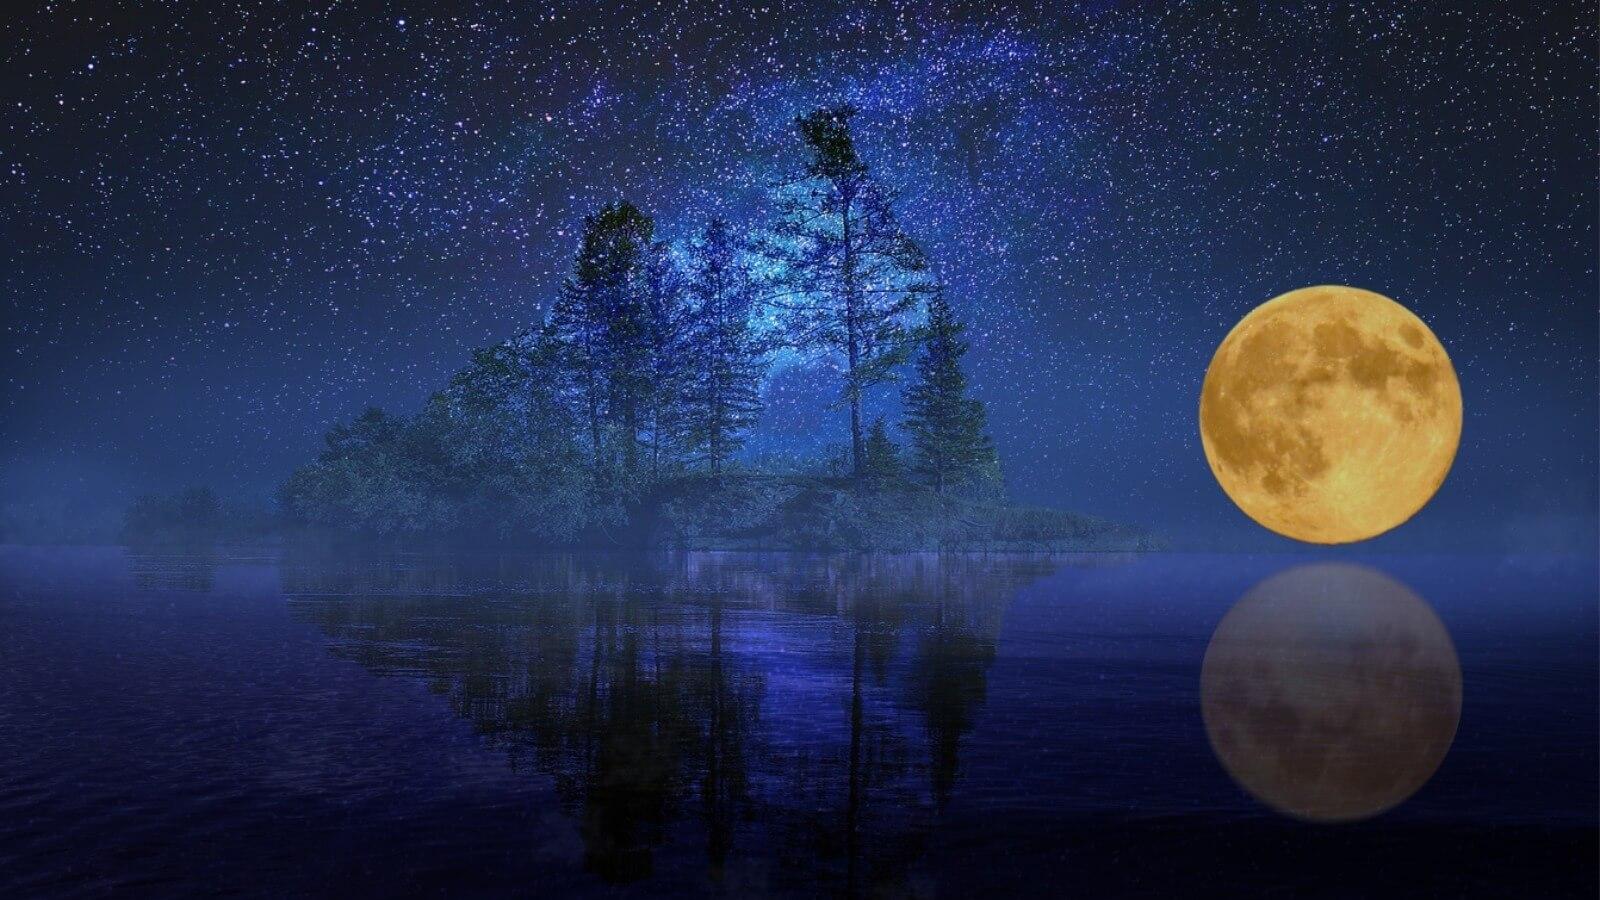 Тайна лунного света: чем грозит земле голубое кровавое суперлуние?